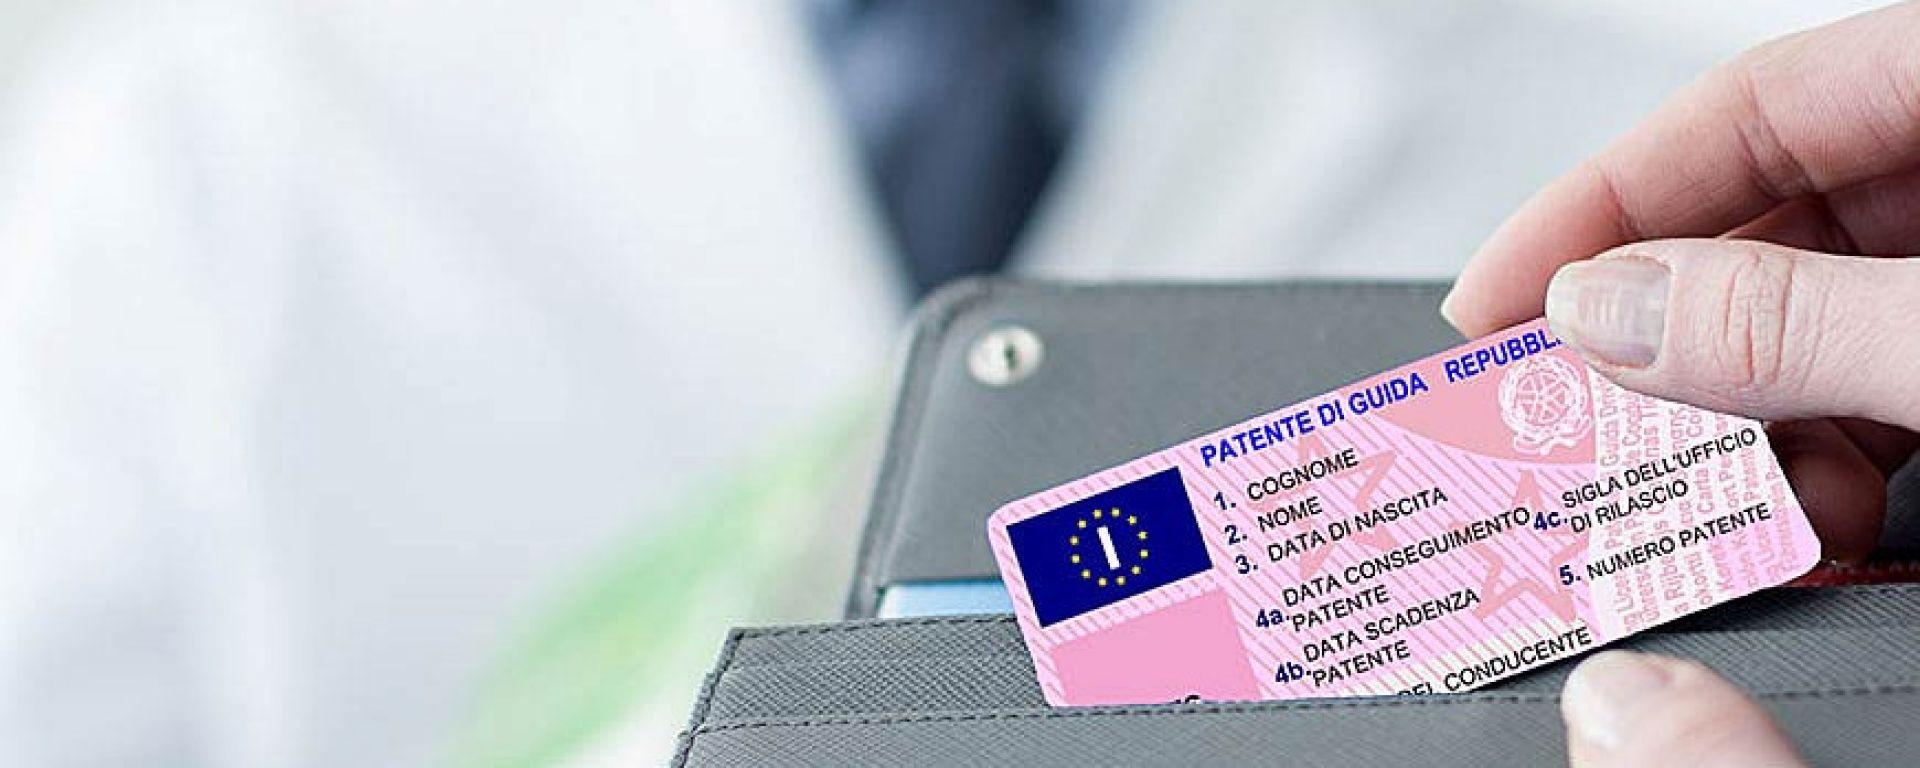 Decreto Cura Italia, disposta anche la proroga della patente auto e moto